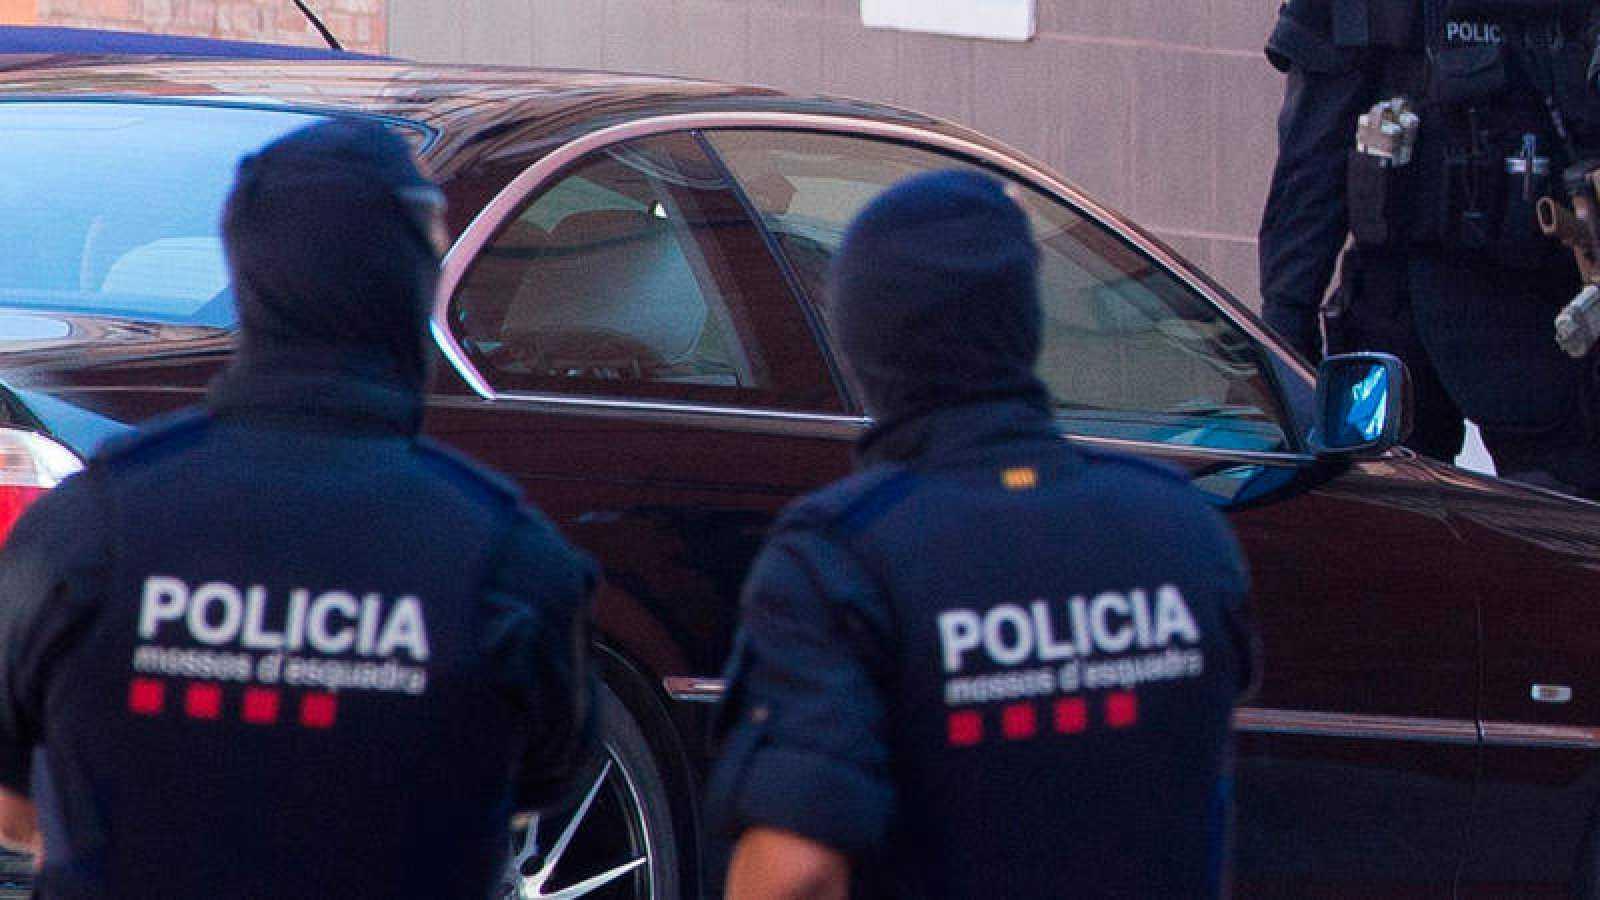 Mata a su pareja, atropella a la hija de su pareja y se suicida en Gerona (Cataluña)